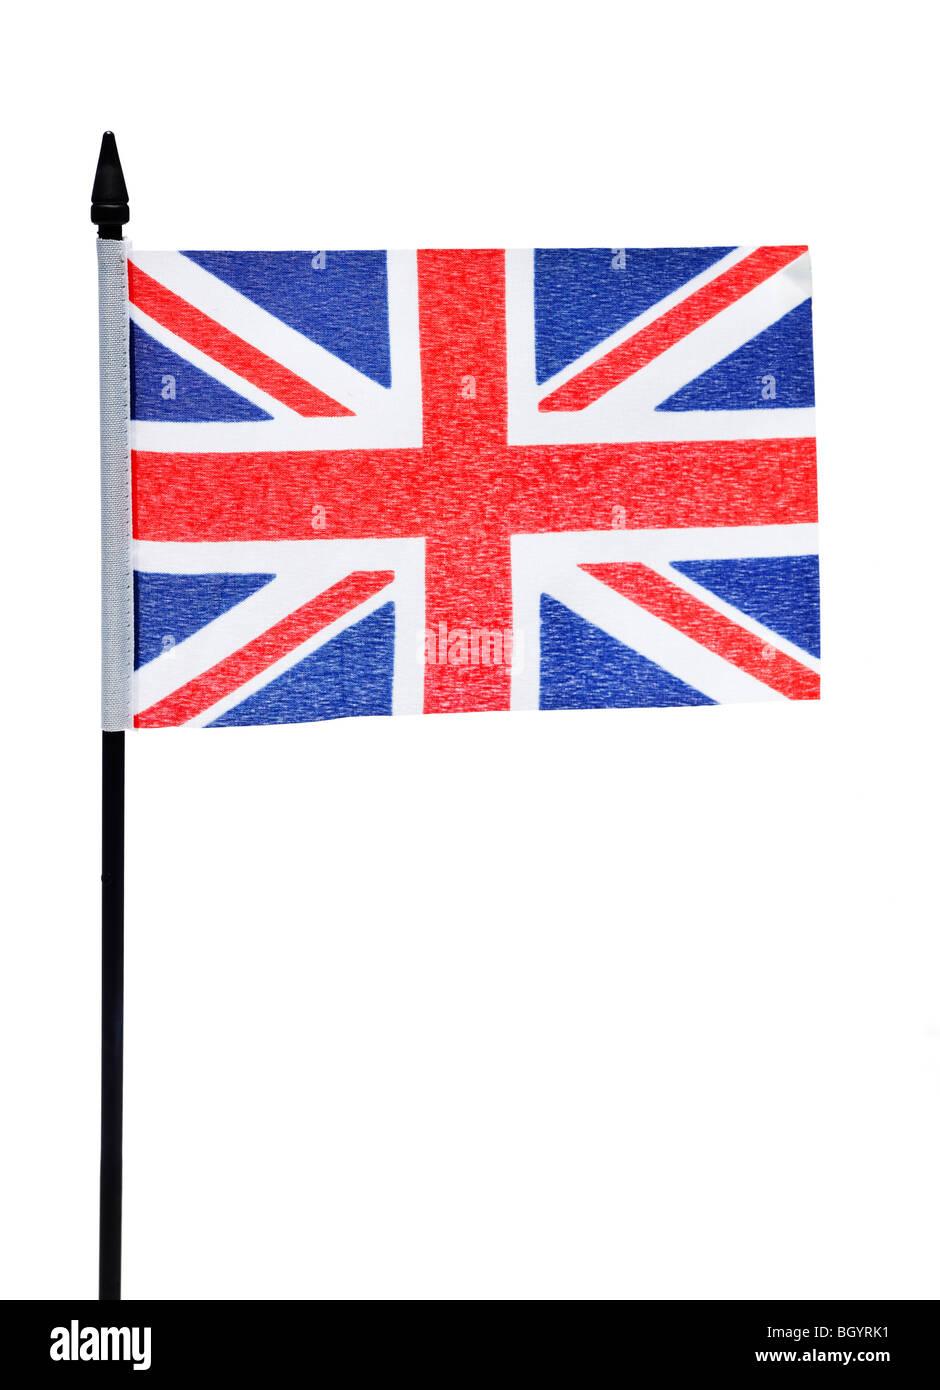 Bandera De Reino Unido Imágenes De Stock Bandera De Reino Unido